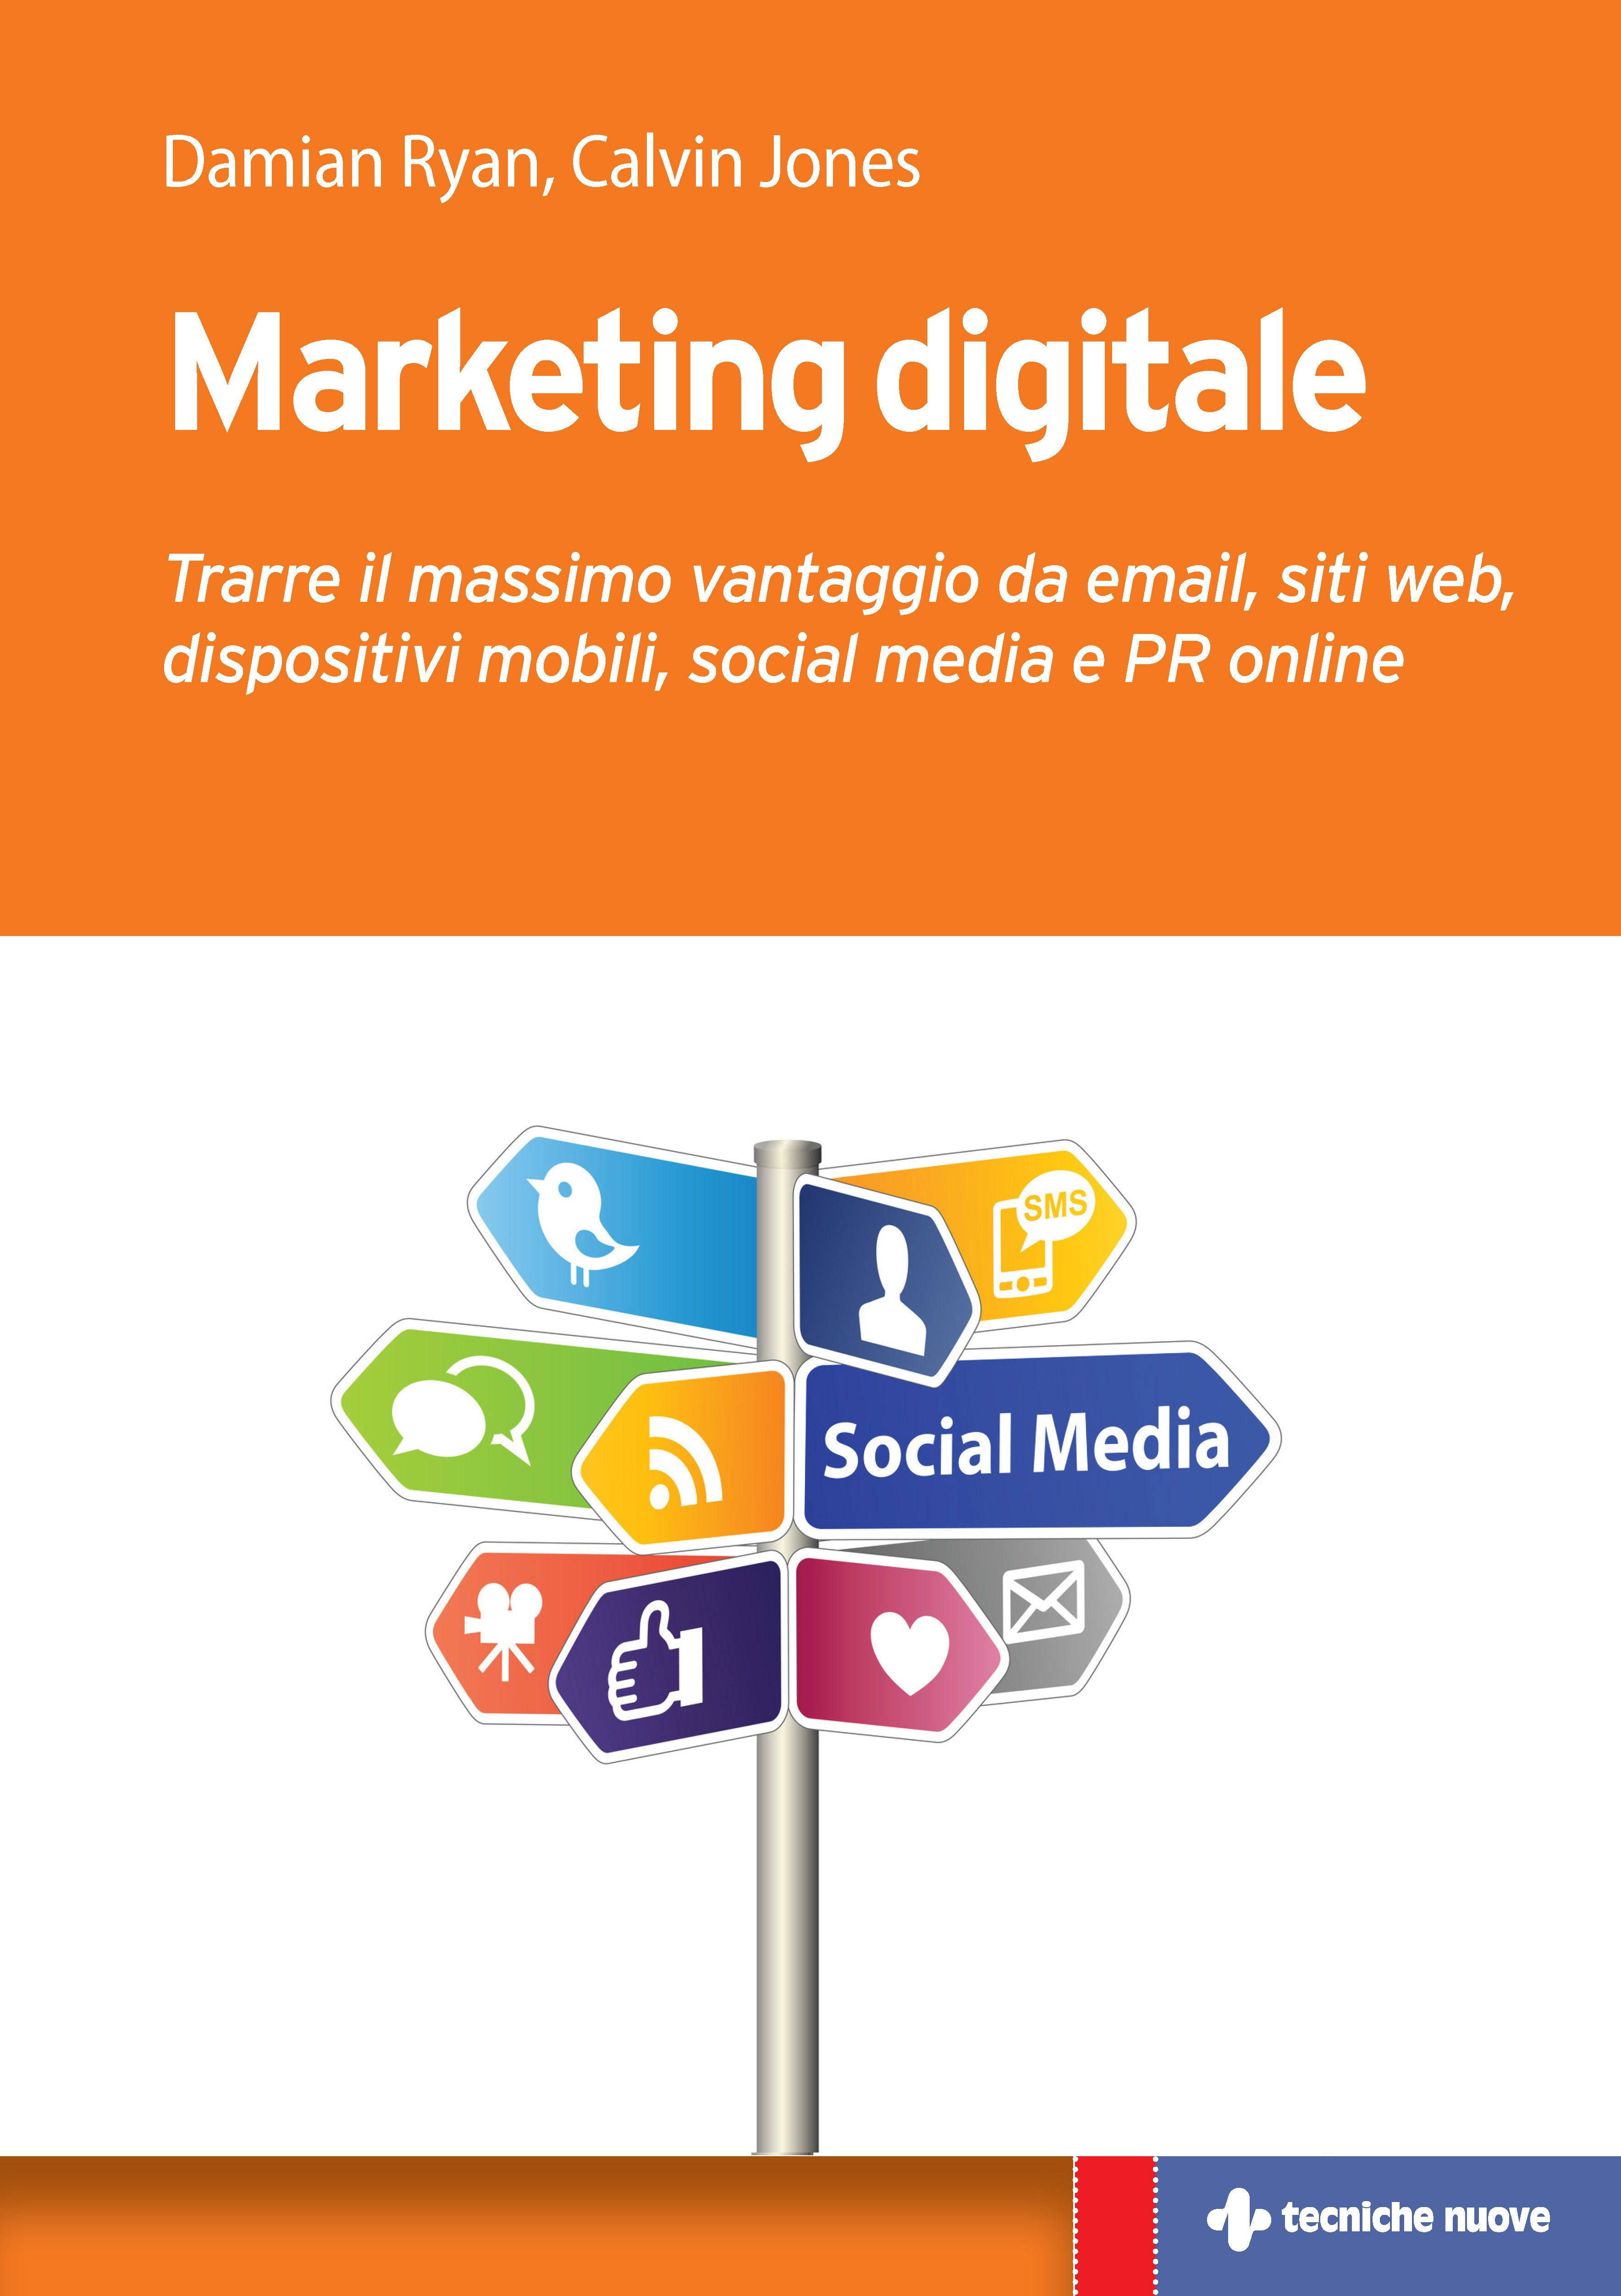 Marketing digitale trarre il massimo vantaggio da email for Siti mobili online